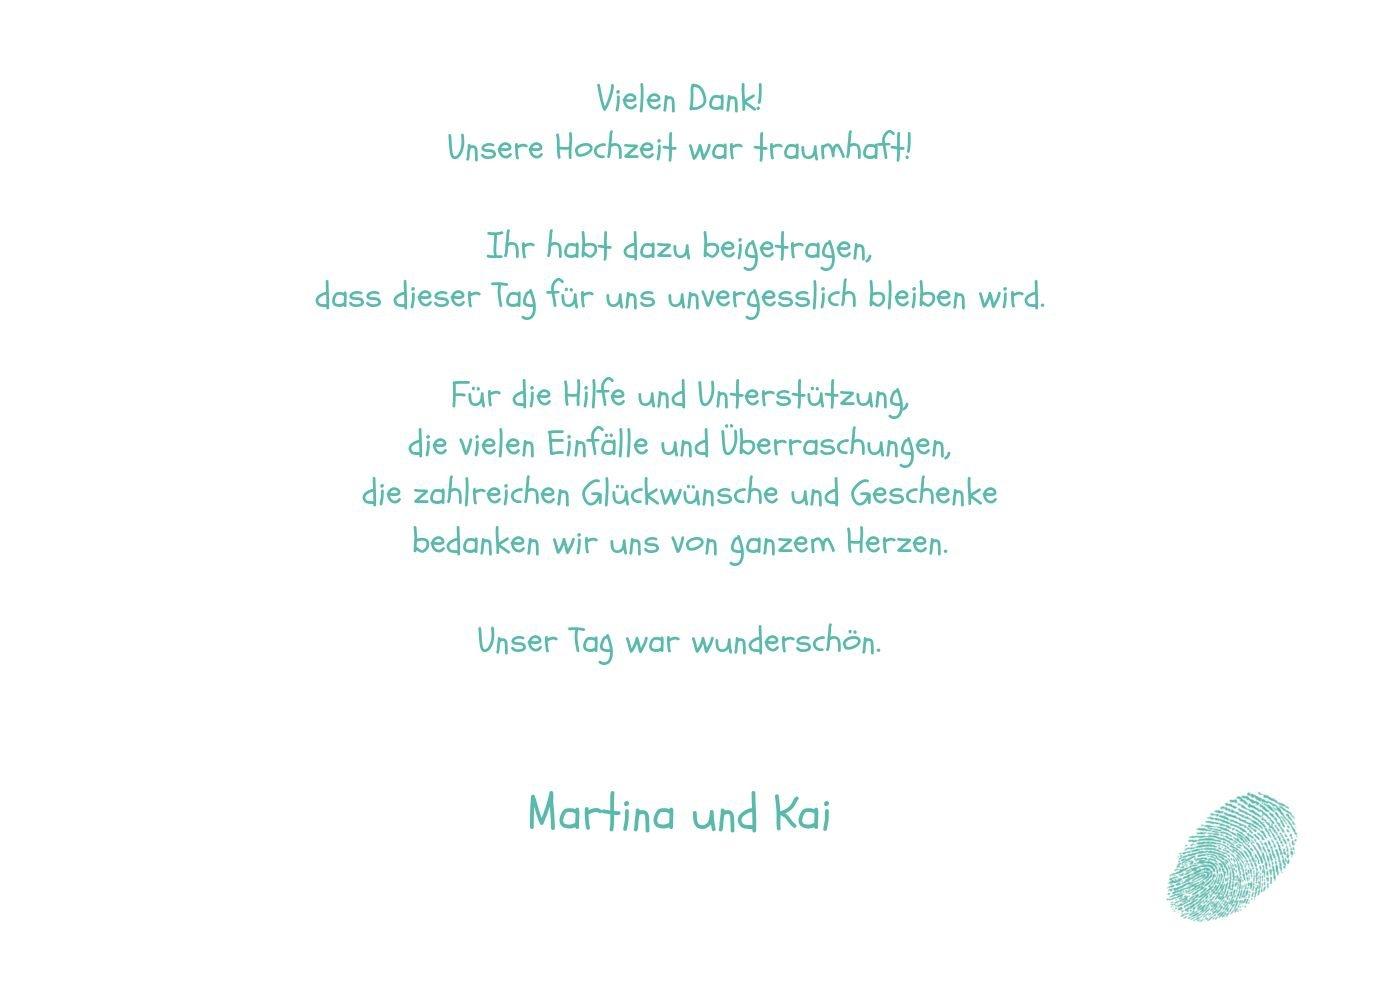 Kartenparadies Danksagung für Hochzeitsgeschenke Hochzeit Dankeskarte fingerprint, hochwertige hochwertige hochwertige Danksagungskarte Hochzeitsglückwünsche inklusive Umschläge   20 Karten - (Format  148x105 mm) Farbe  Grau B01N6TC5K8 |   | Geeignet für Fa b0c358